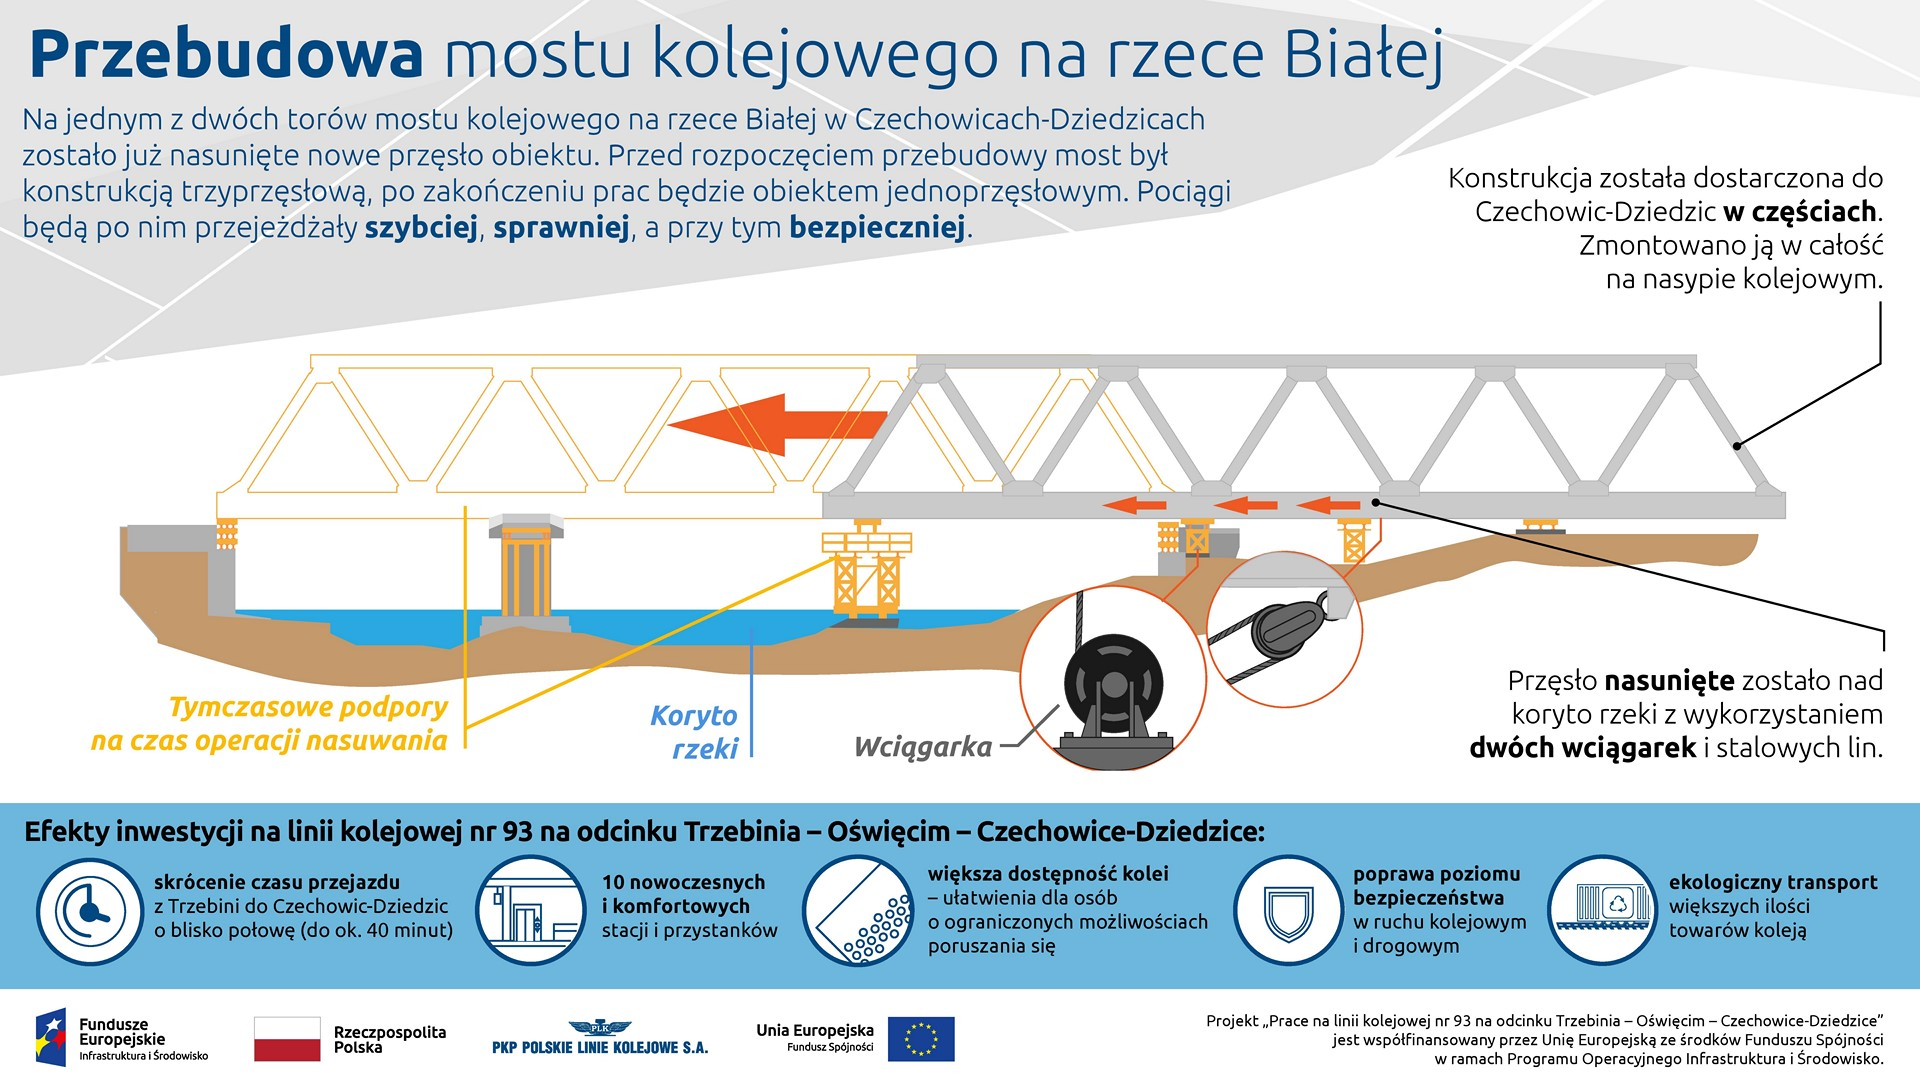 Infografika informuje o tym w jaki sposób nasunięty został most na rzece Białej.